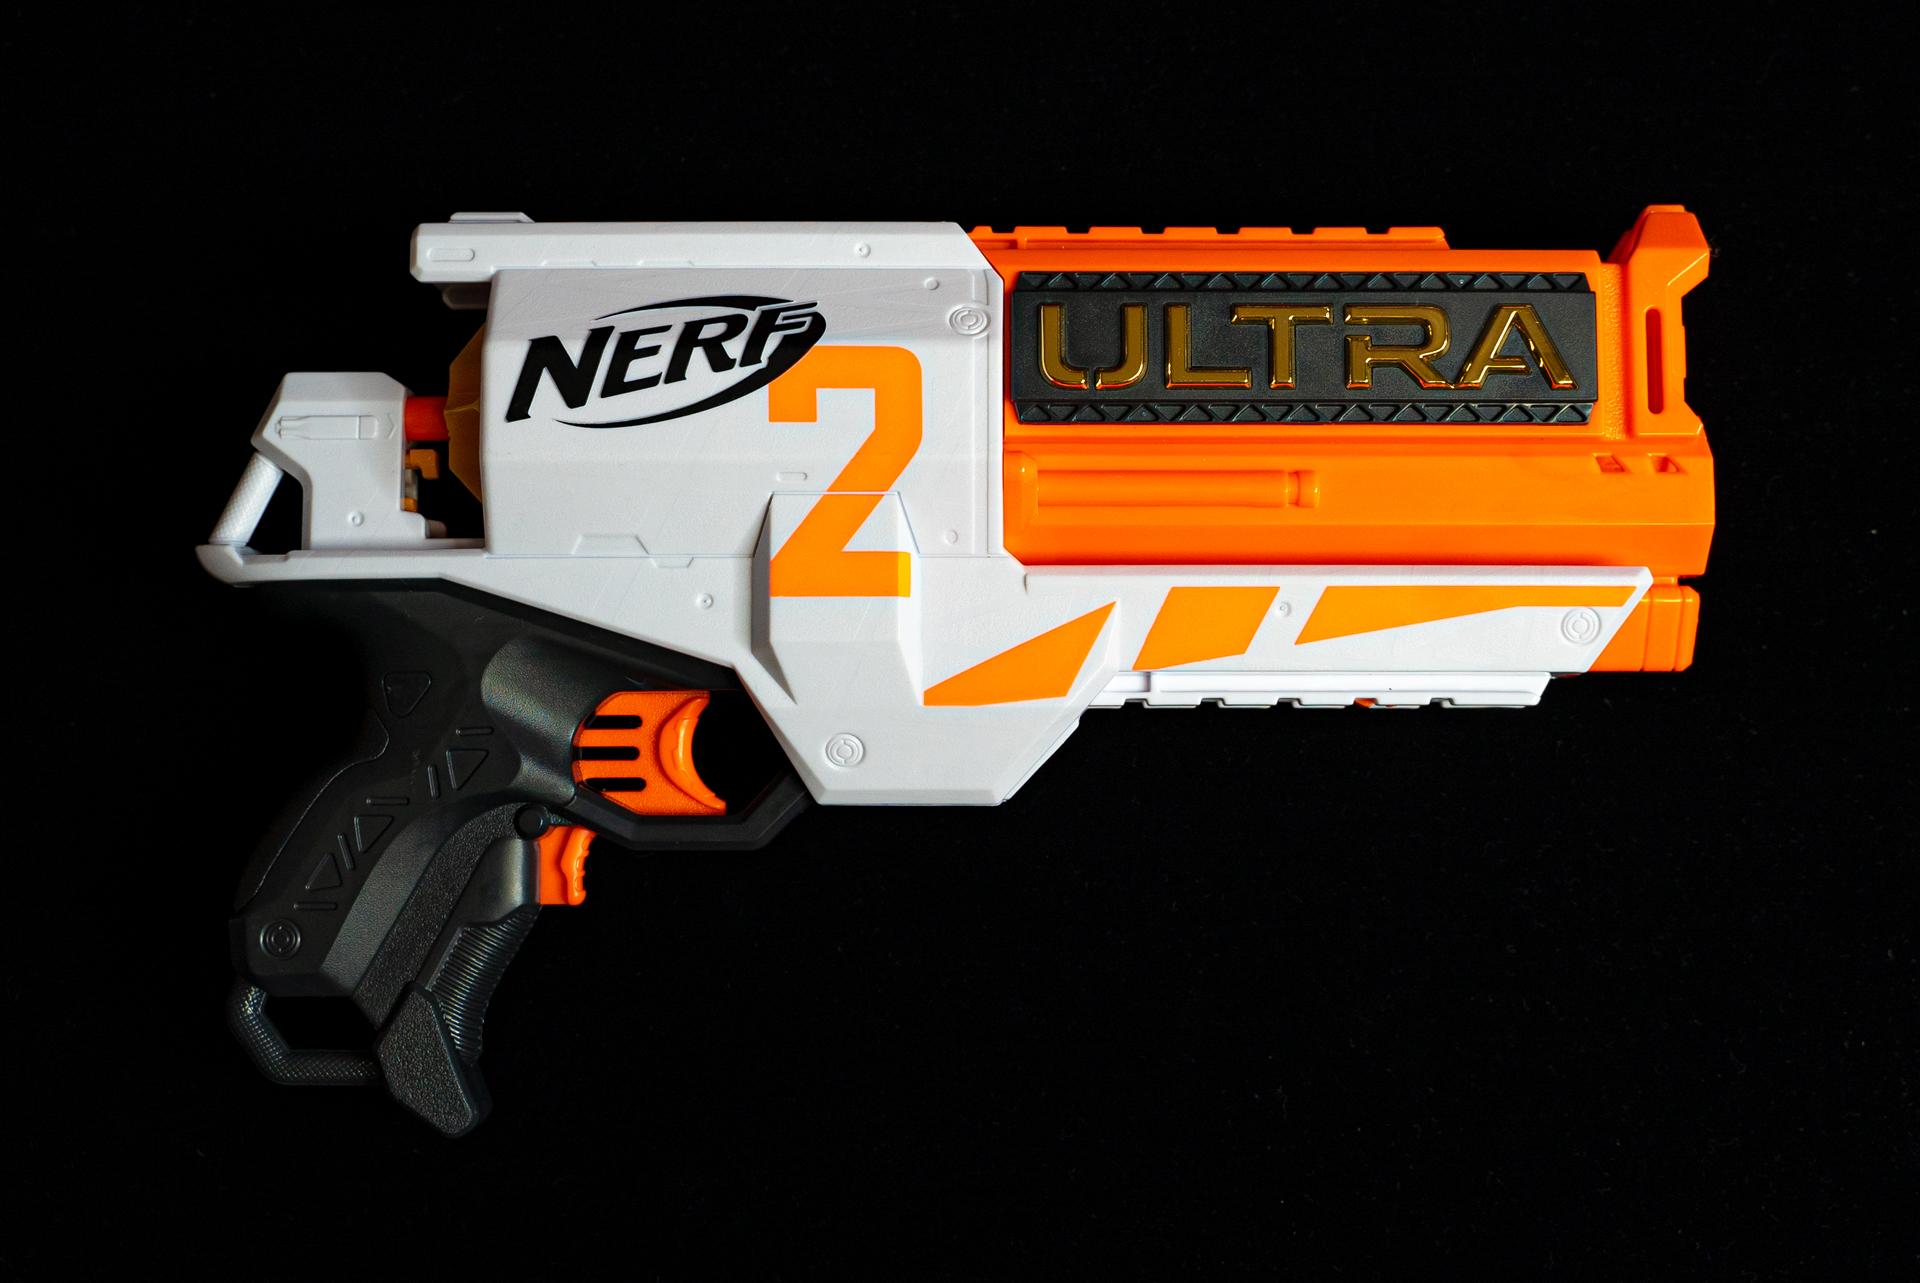 大型のリボルバーは物語の主人公気分になれる「ナーフ ウルトラ 2」実売価格3,620円(税込)